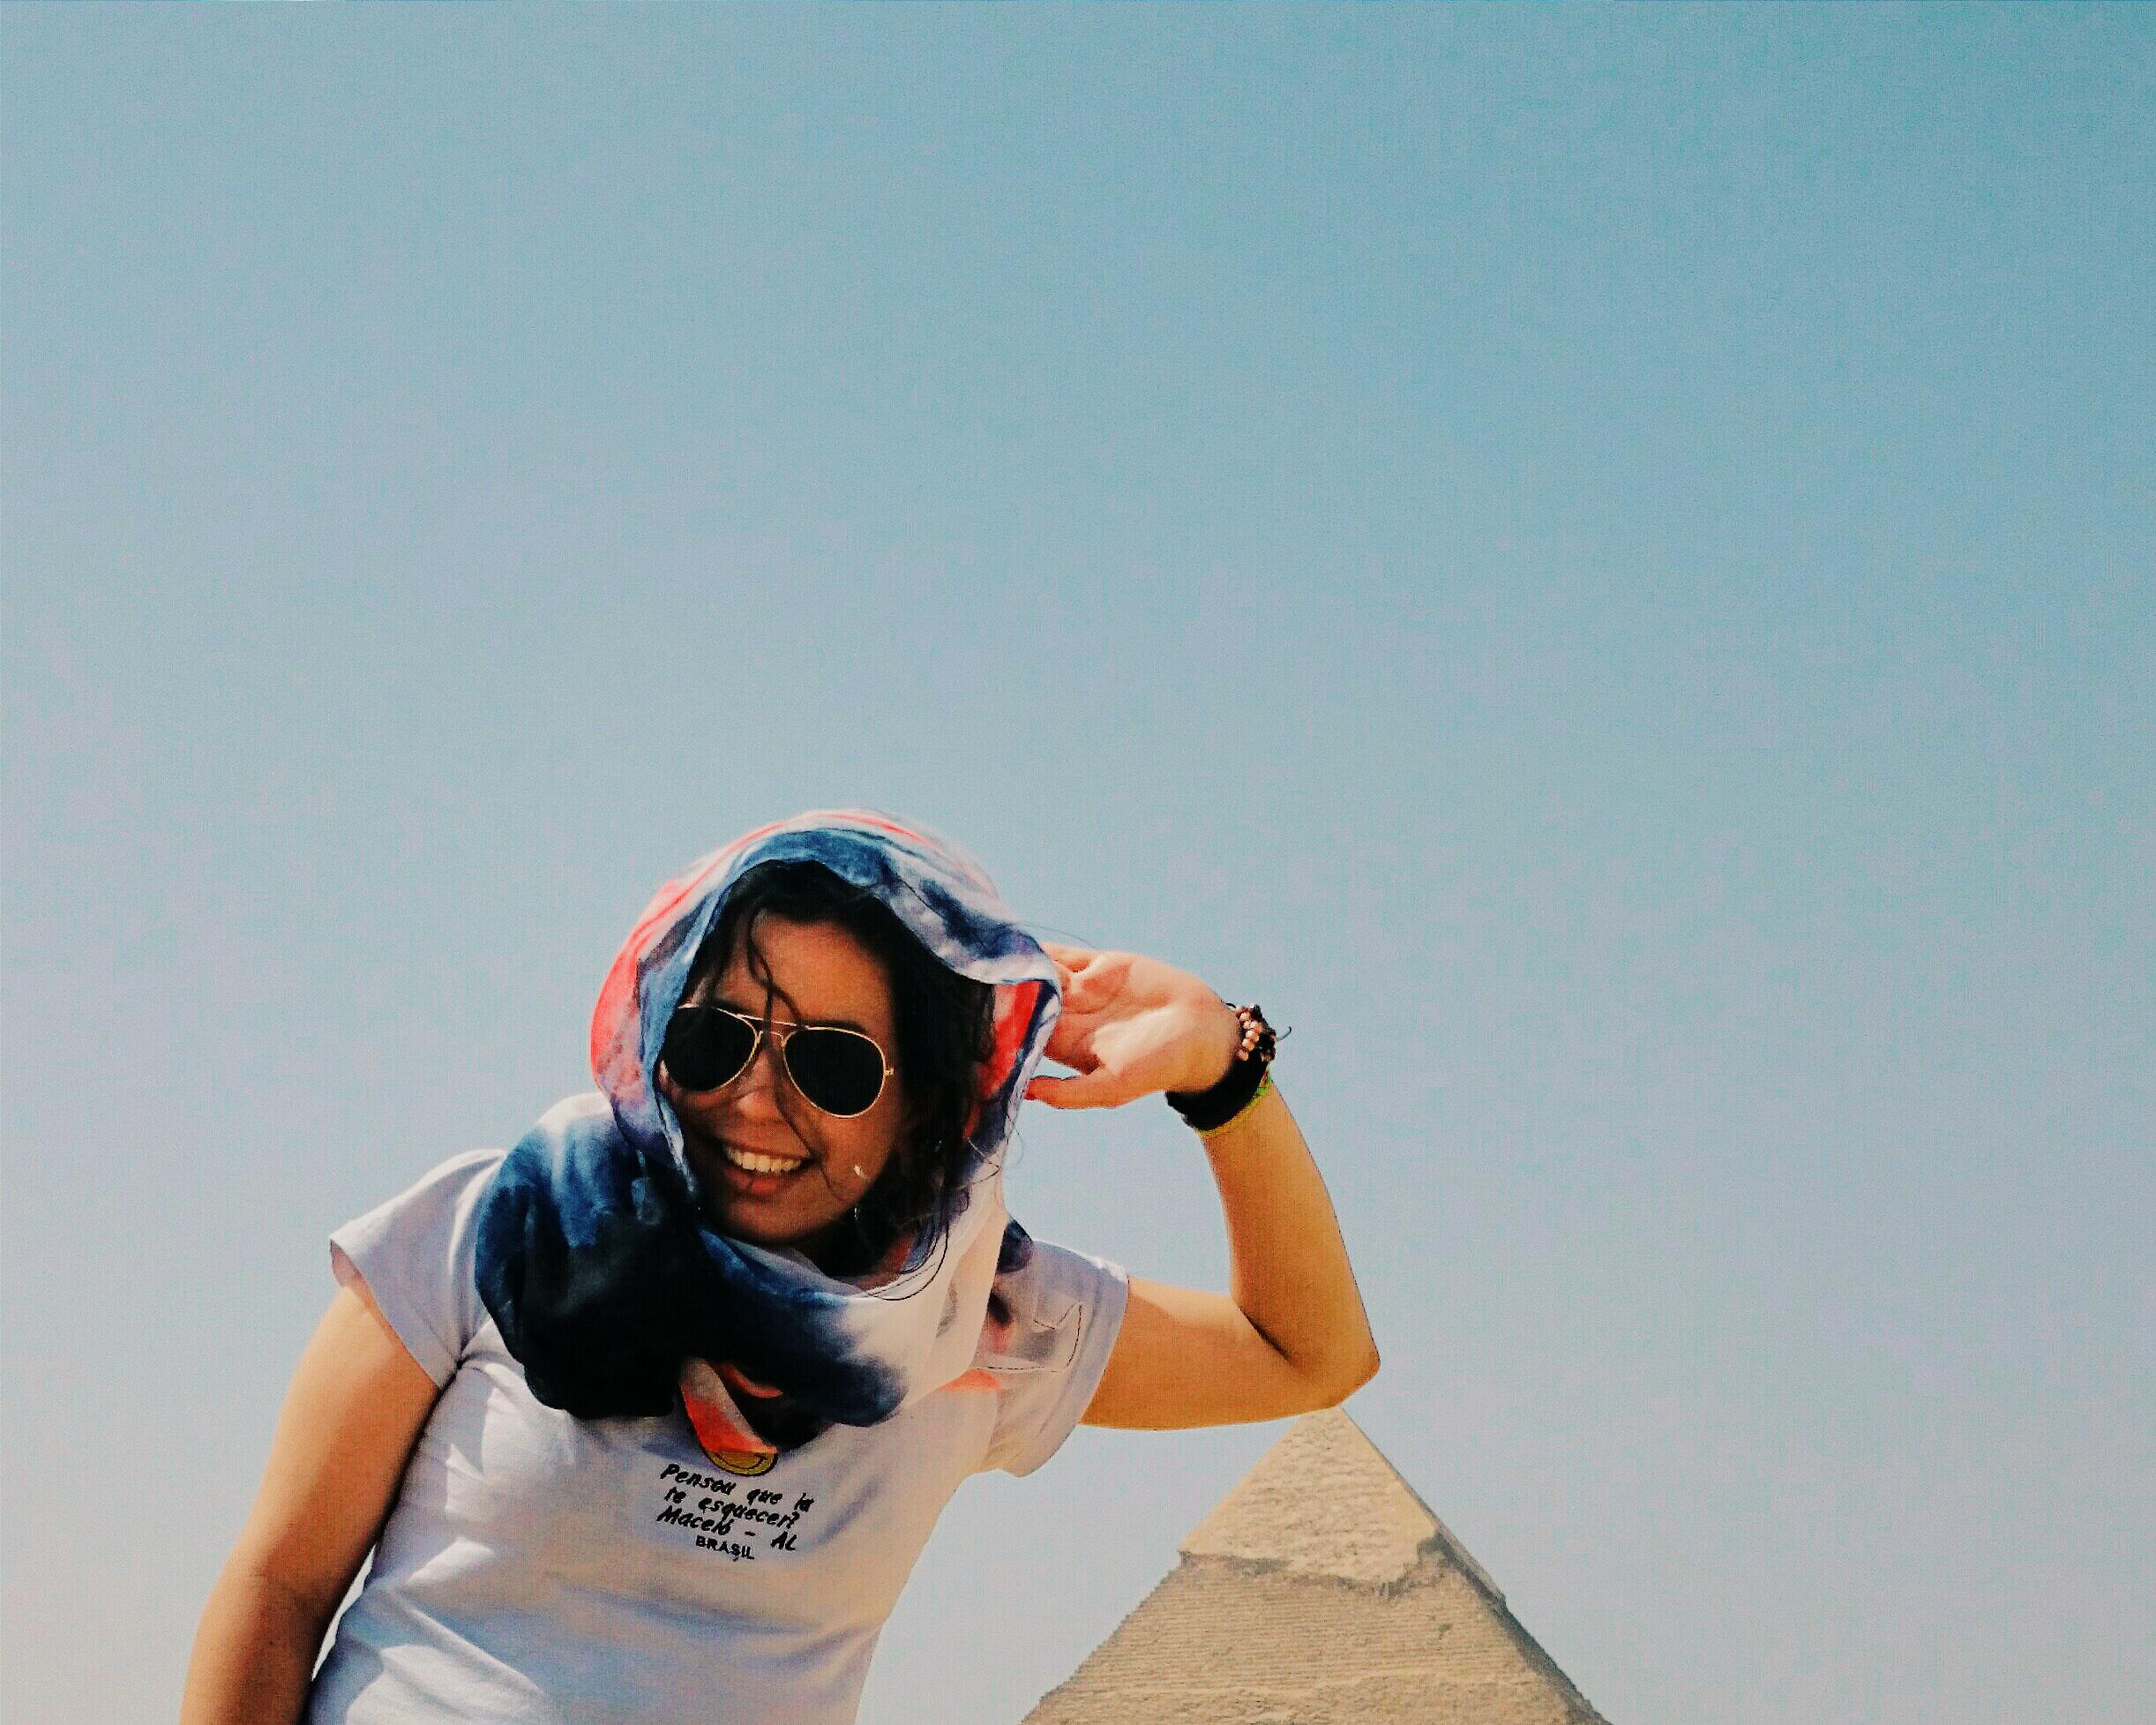 Cestovní pojištění pro cizince - kde najít nejlevnější? - prostřední obrázek